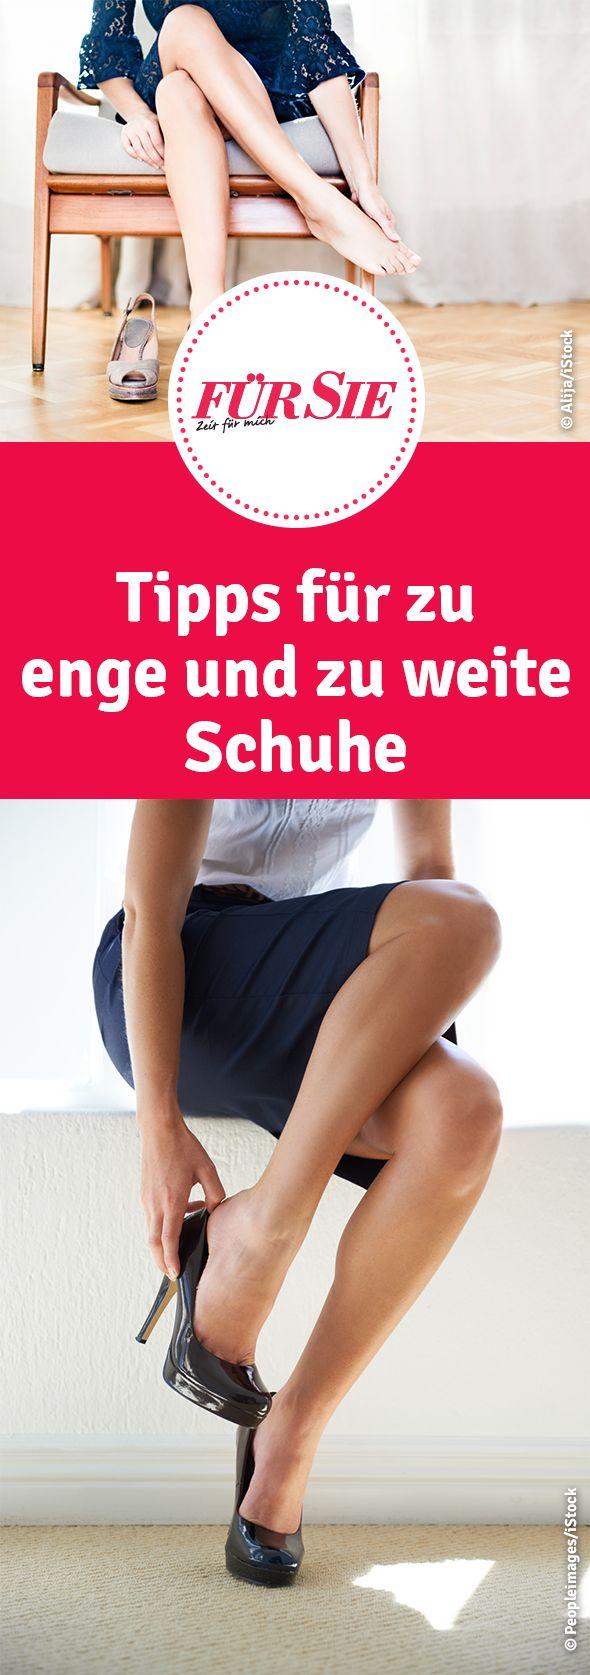 Tipps für zu enge und zu weite Schuhe